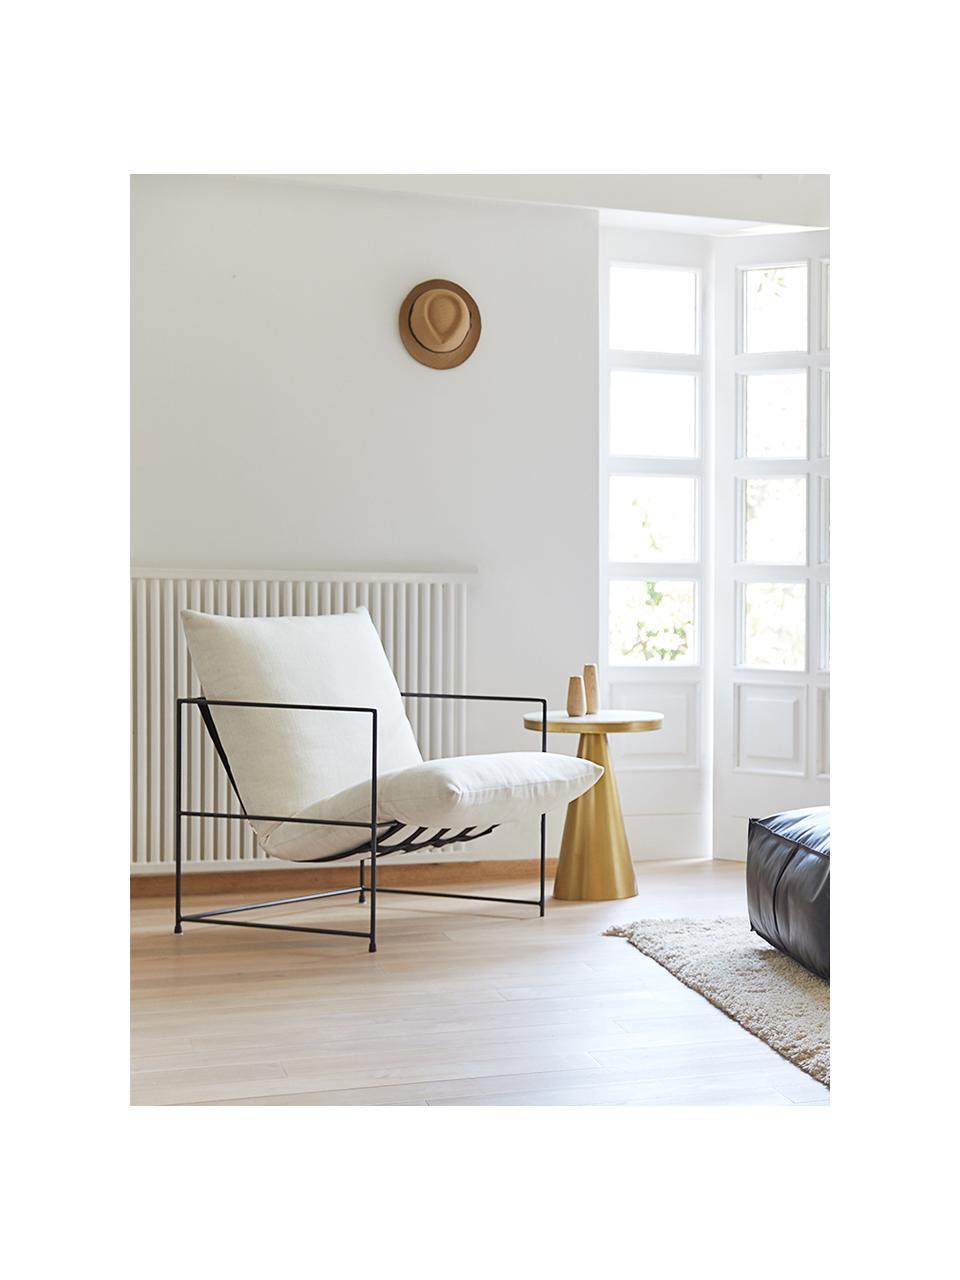 Fotel tapicerowany z metalowym stelażem Wayne, Tapicerka: 80% poliester, 20% len Ta, Biały, S 69 x G 74 cm